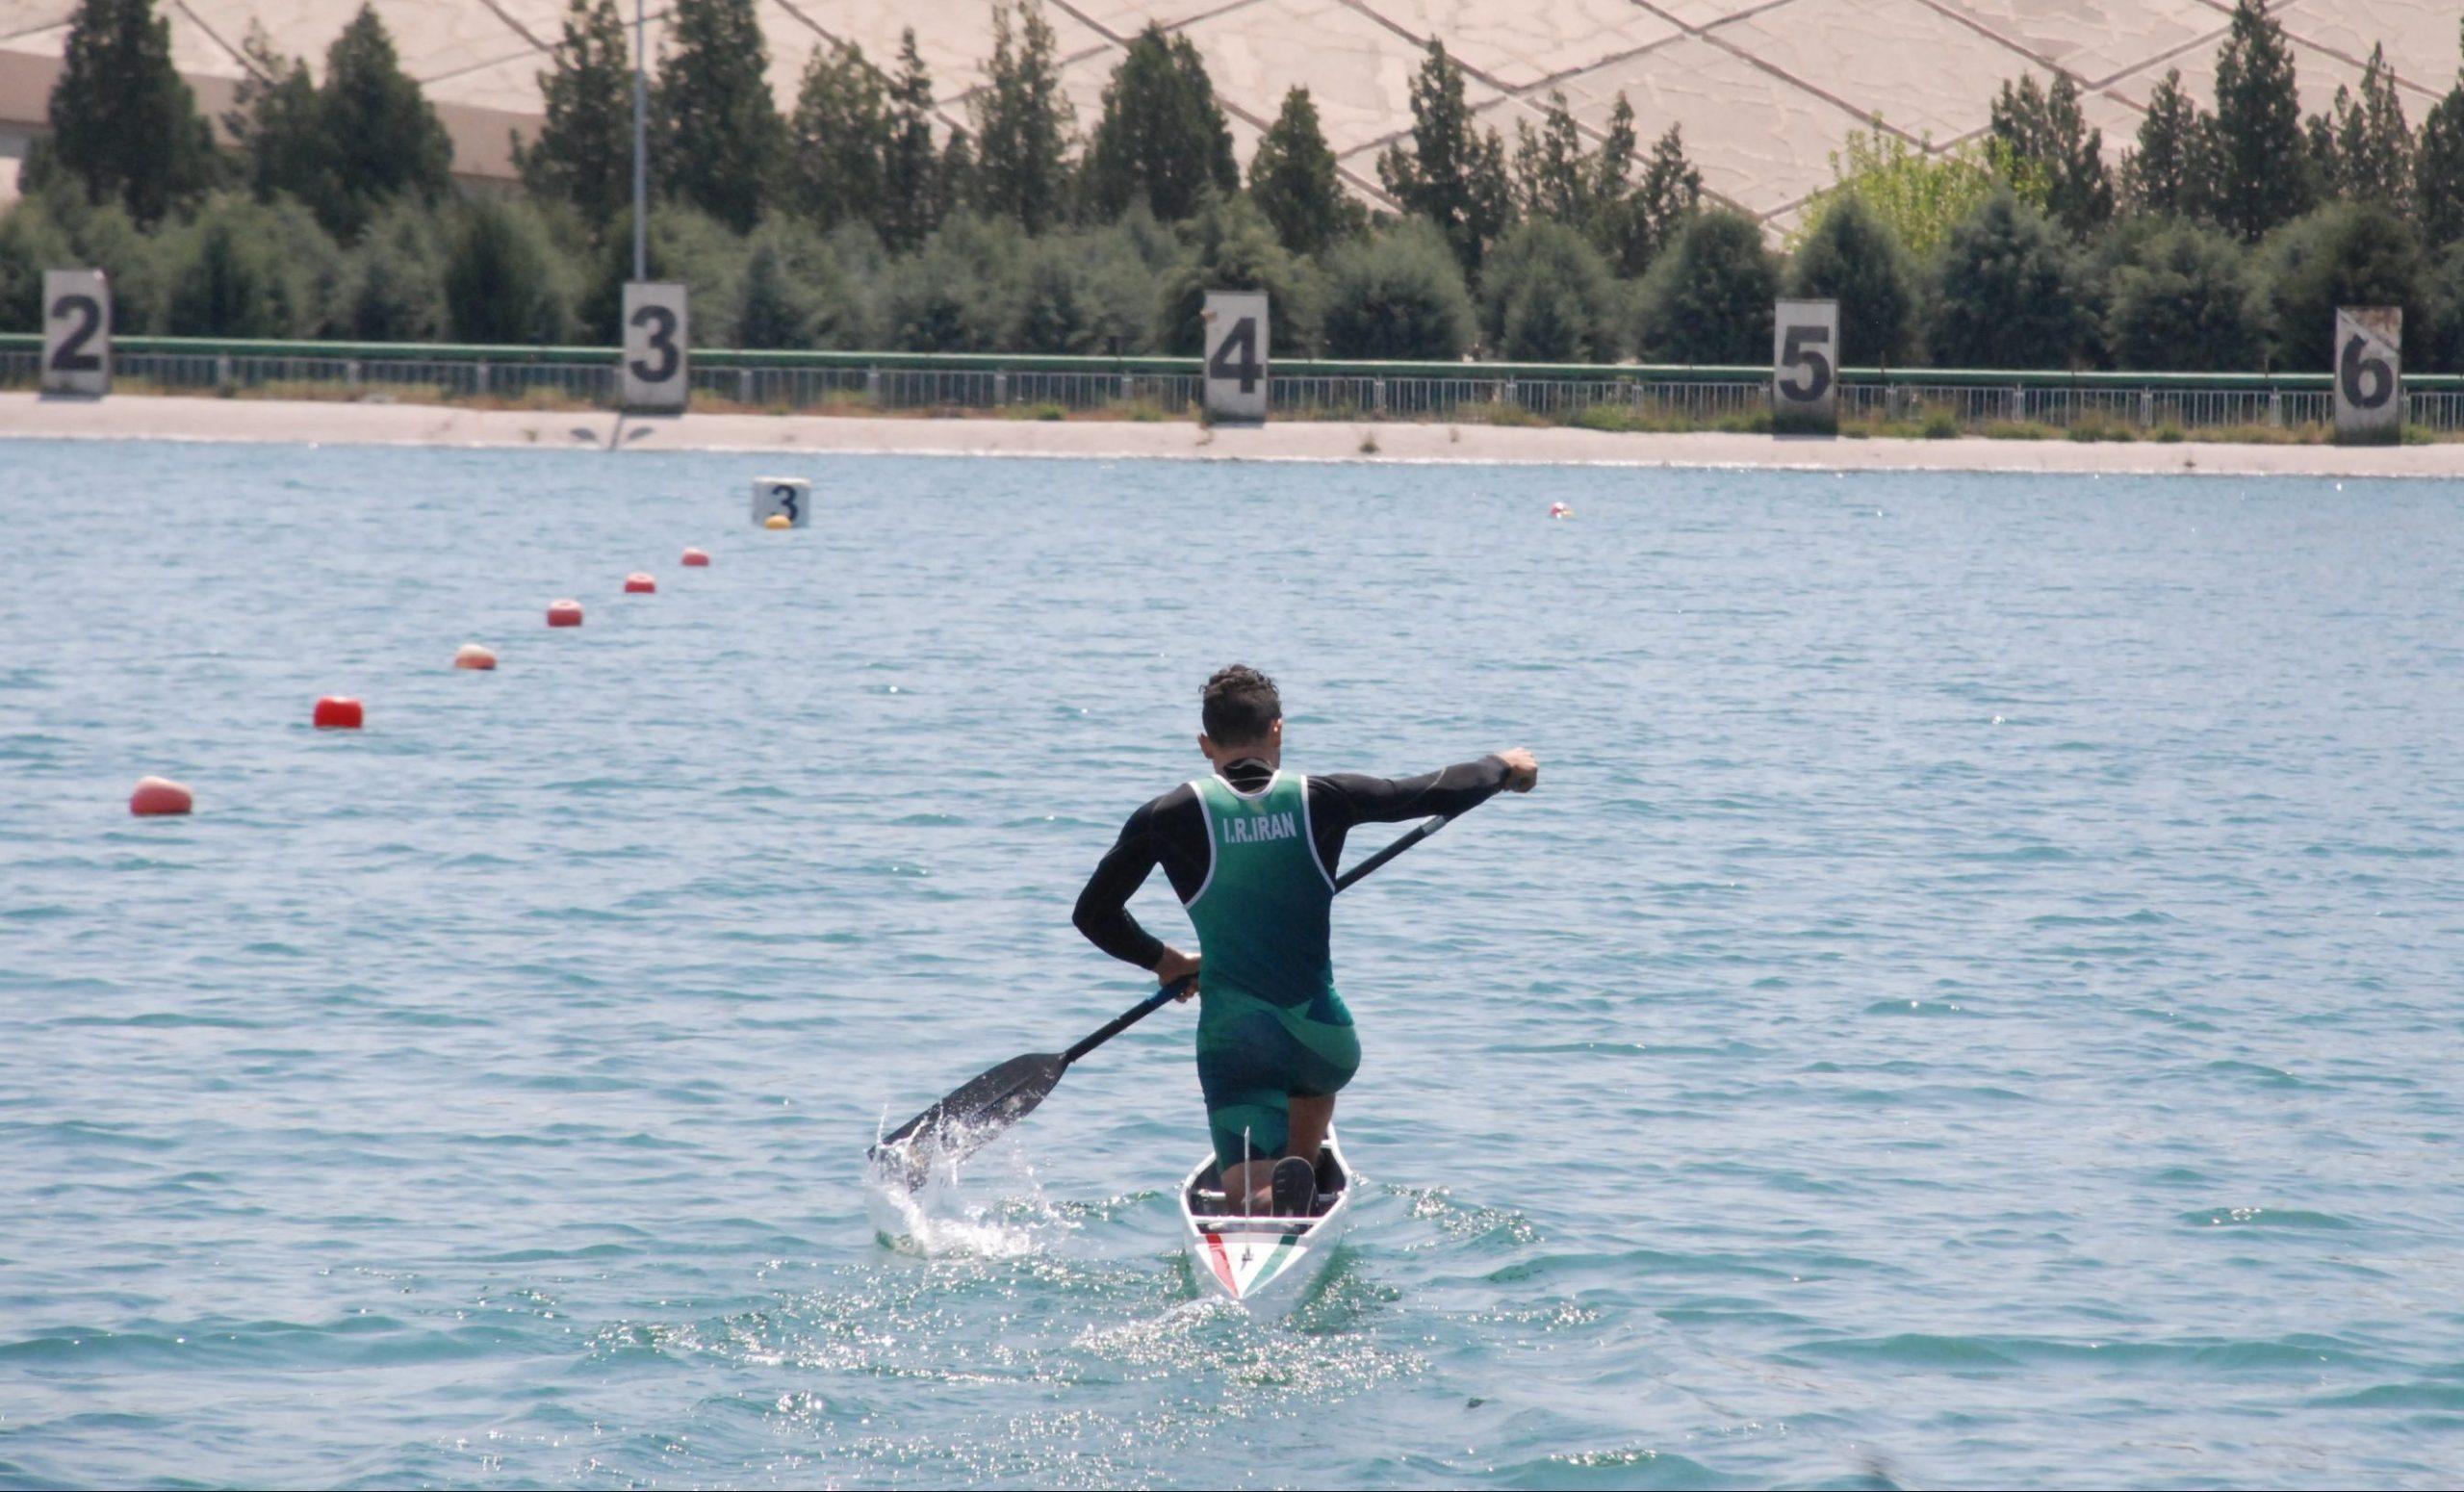 با حضور قایقرانان 16 استان؛ مسابقات آبهای آرام قهرمانی جوانان مردان کشور برگزار می شود